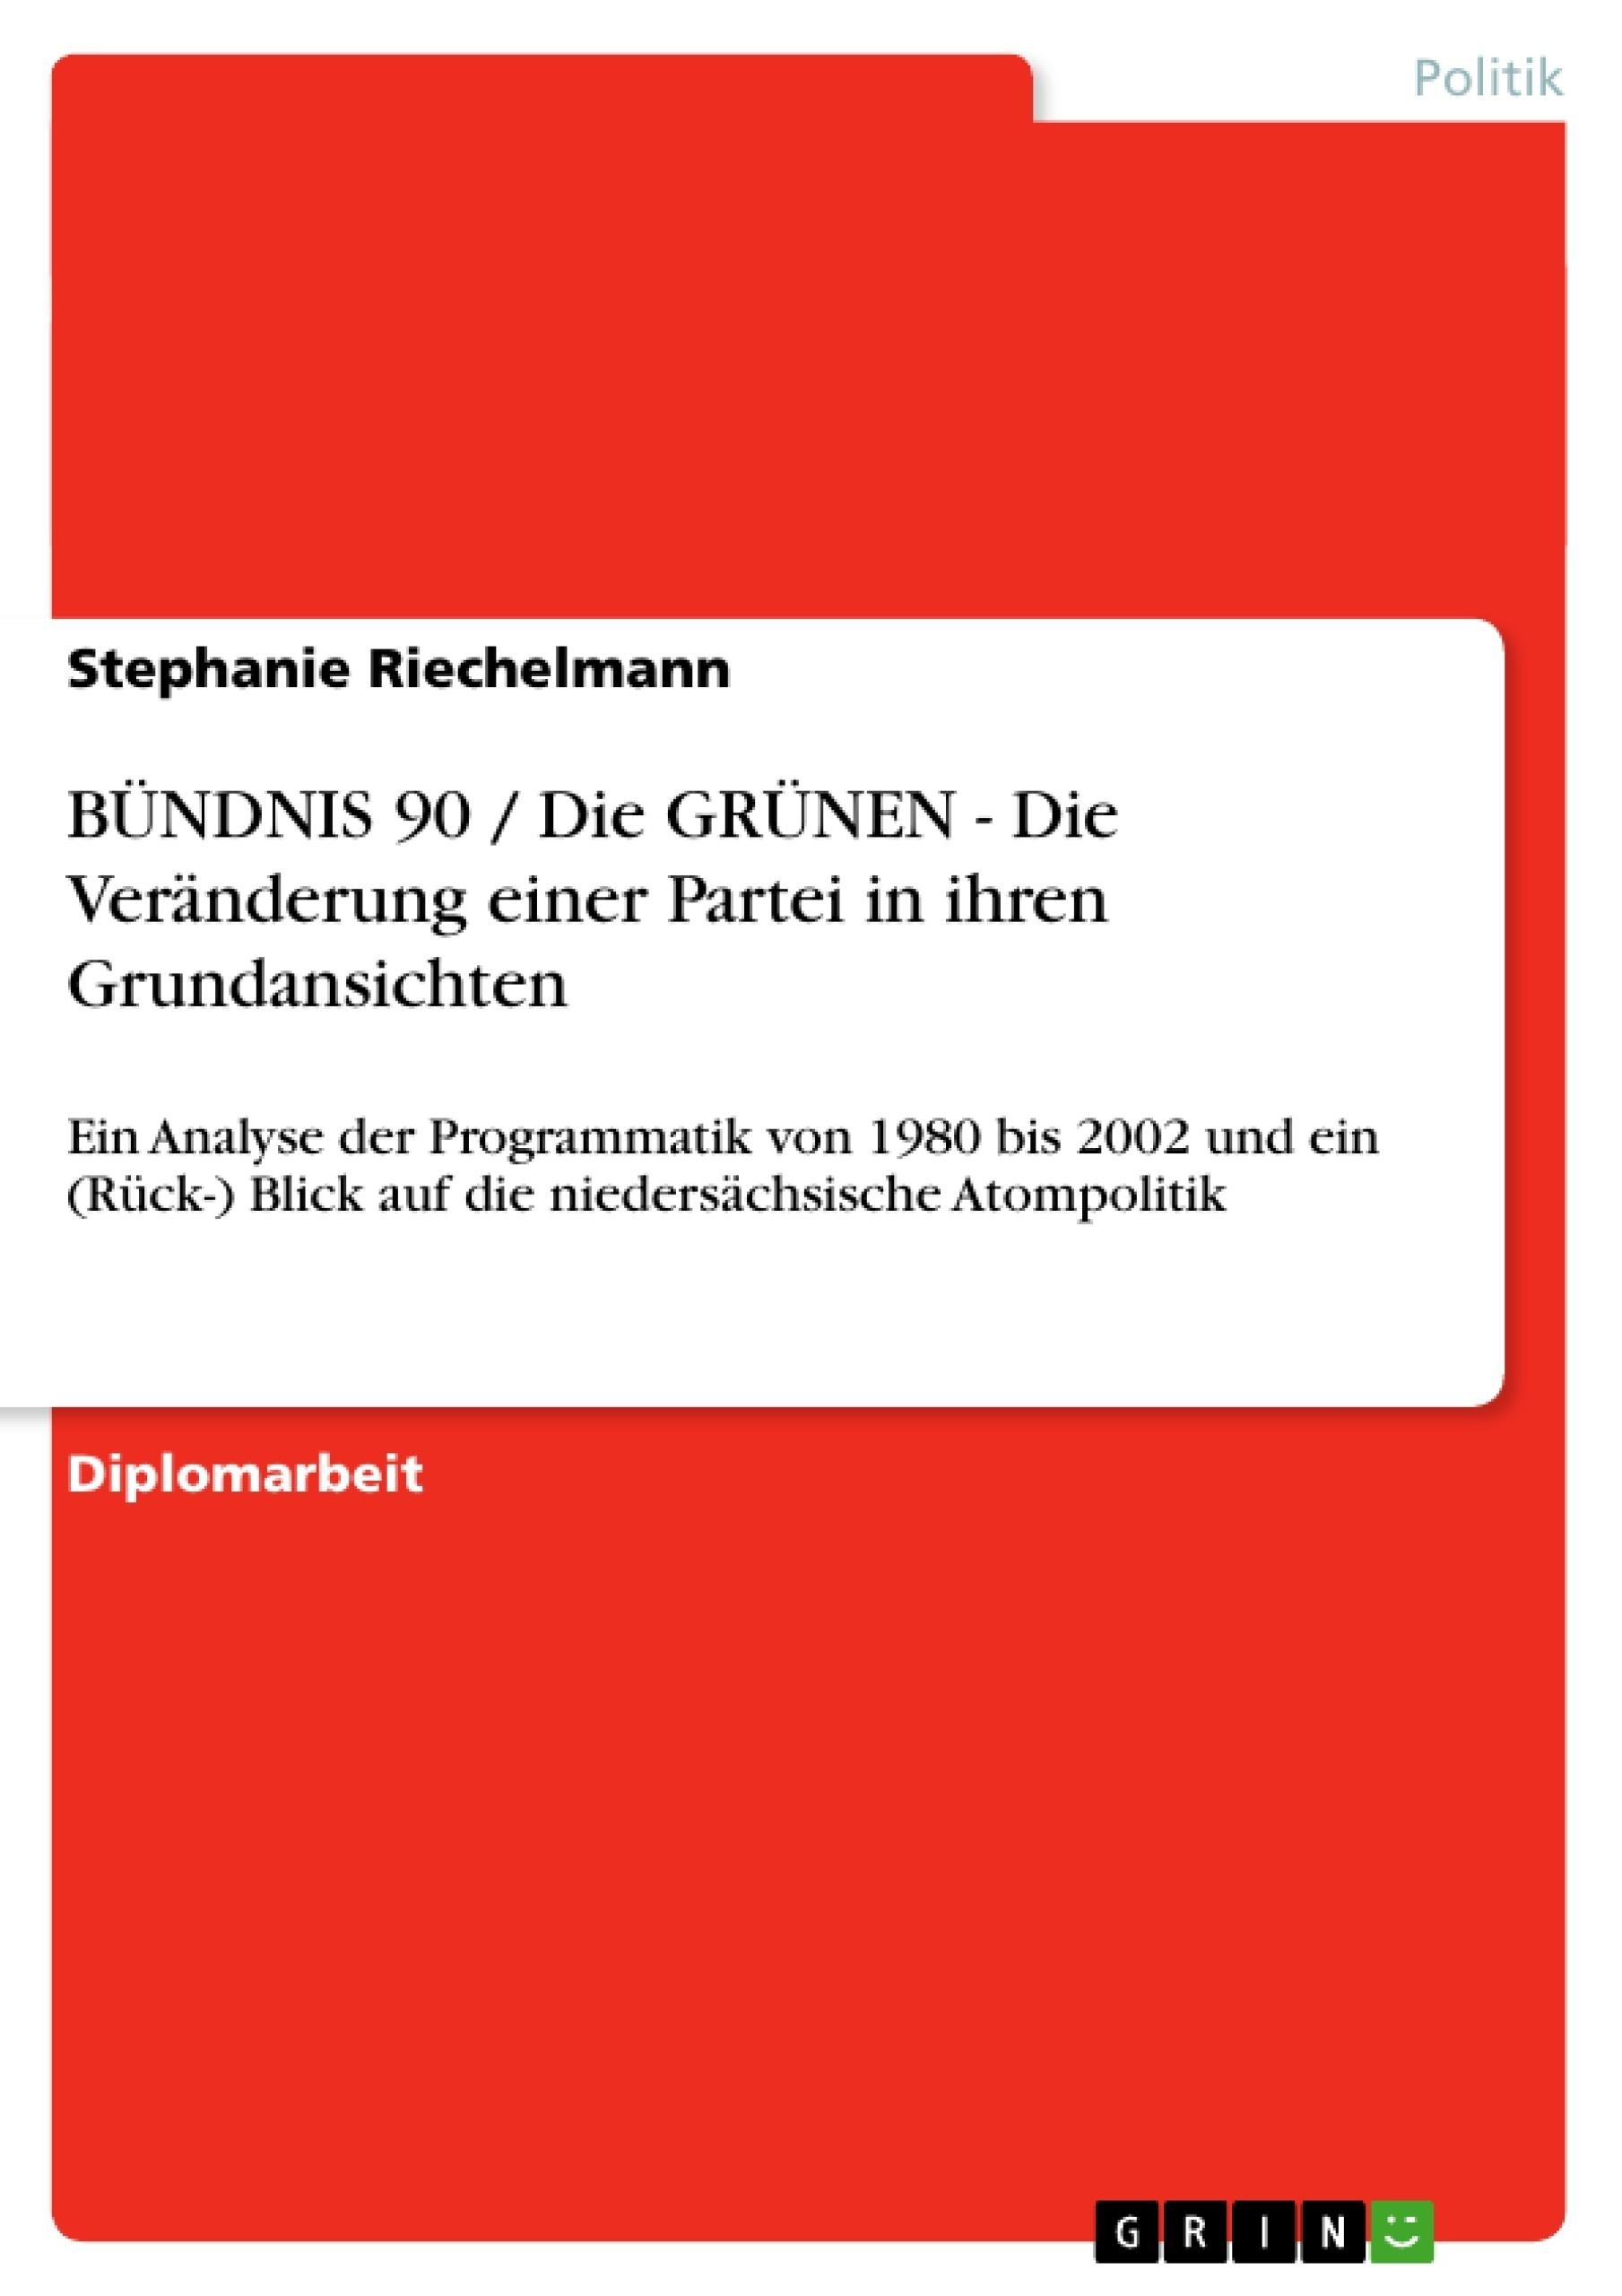 Titel: BÜNDNIS 90 / Die GRÜNEN  - Die Veränderung einer Partei in ihren Grundansichten